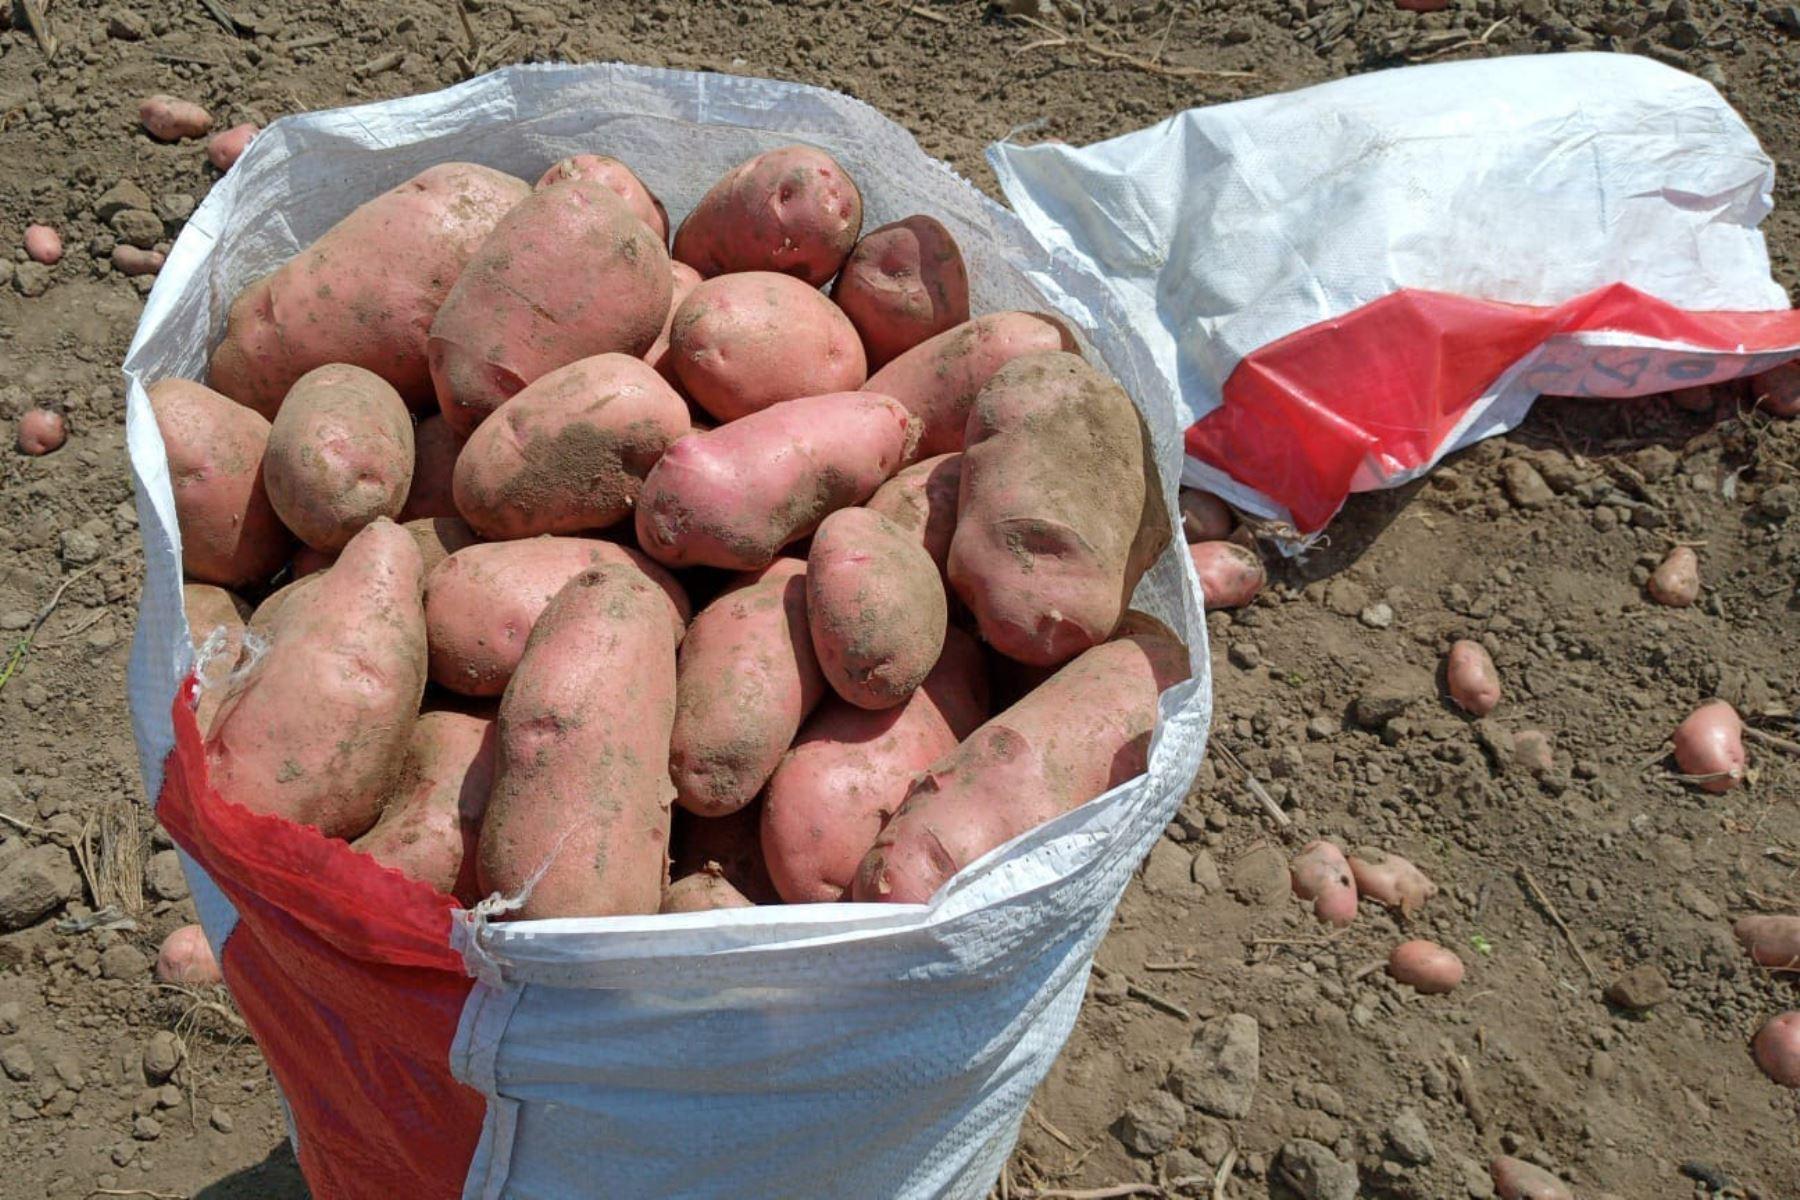 Agro Rural del Minagri,recibio la primera carga de 30 toneladas gracias a las coordinaciones realizadas con la Dirección Regional Agraria de la Región Ica. Foto: Minagri